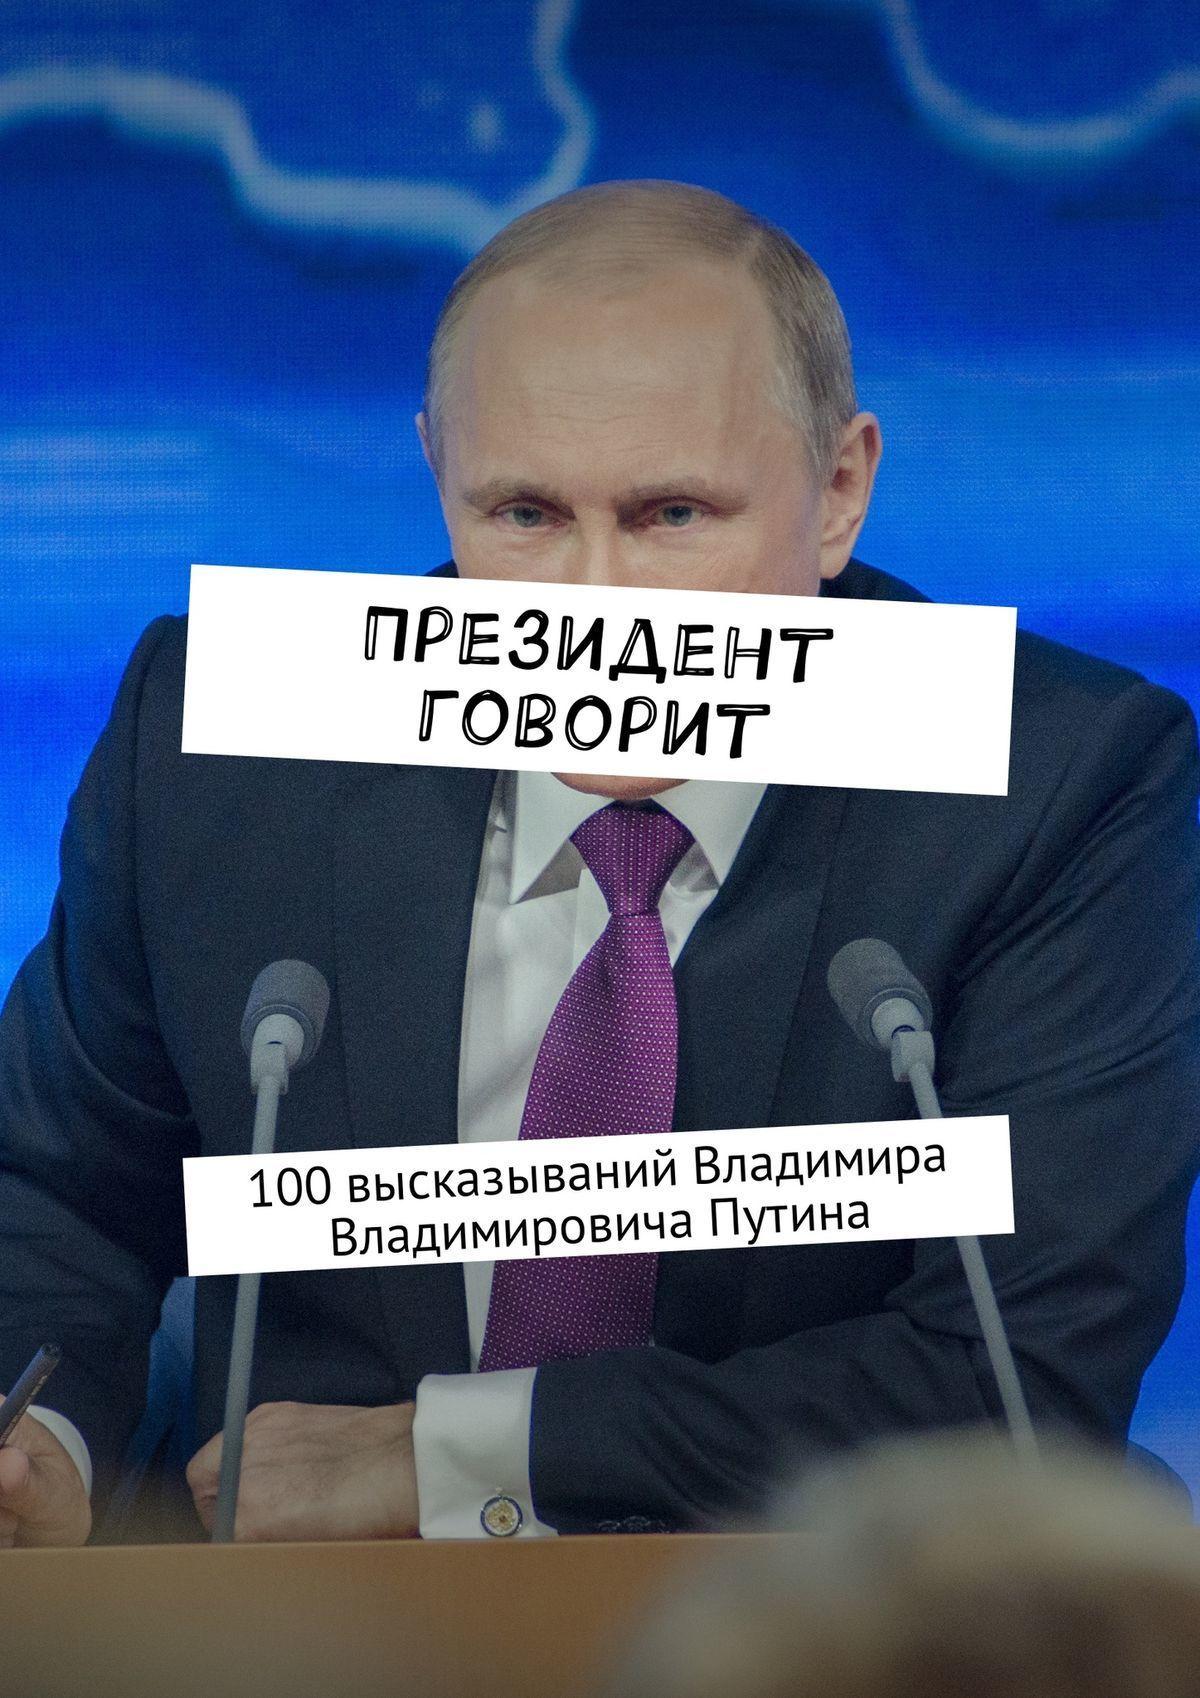 Евгения Сучкова. Президент говорит. 100высказываний Владимира Владимировича Путина